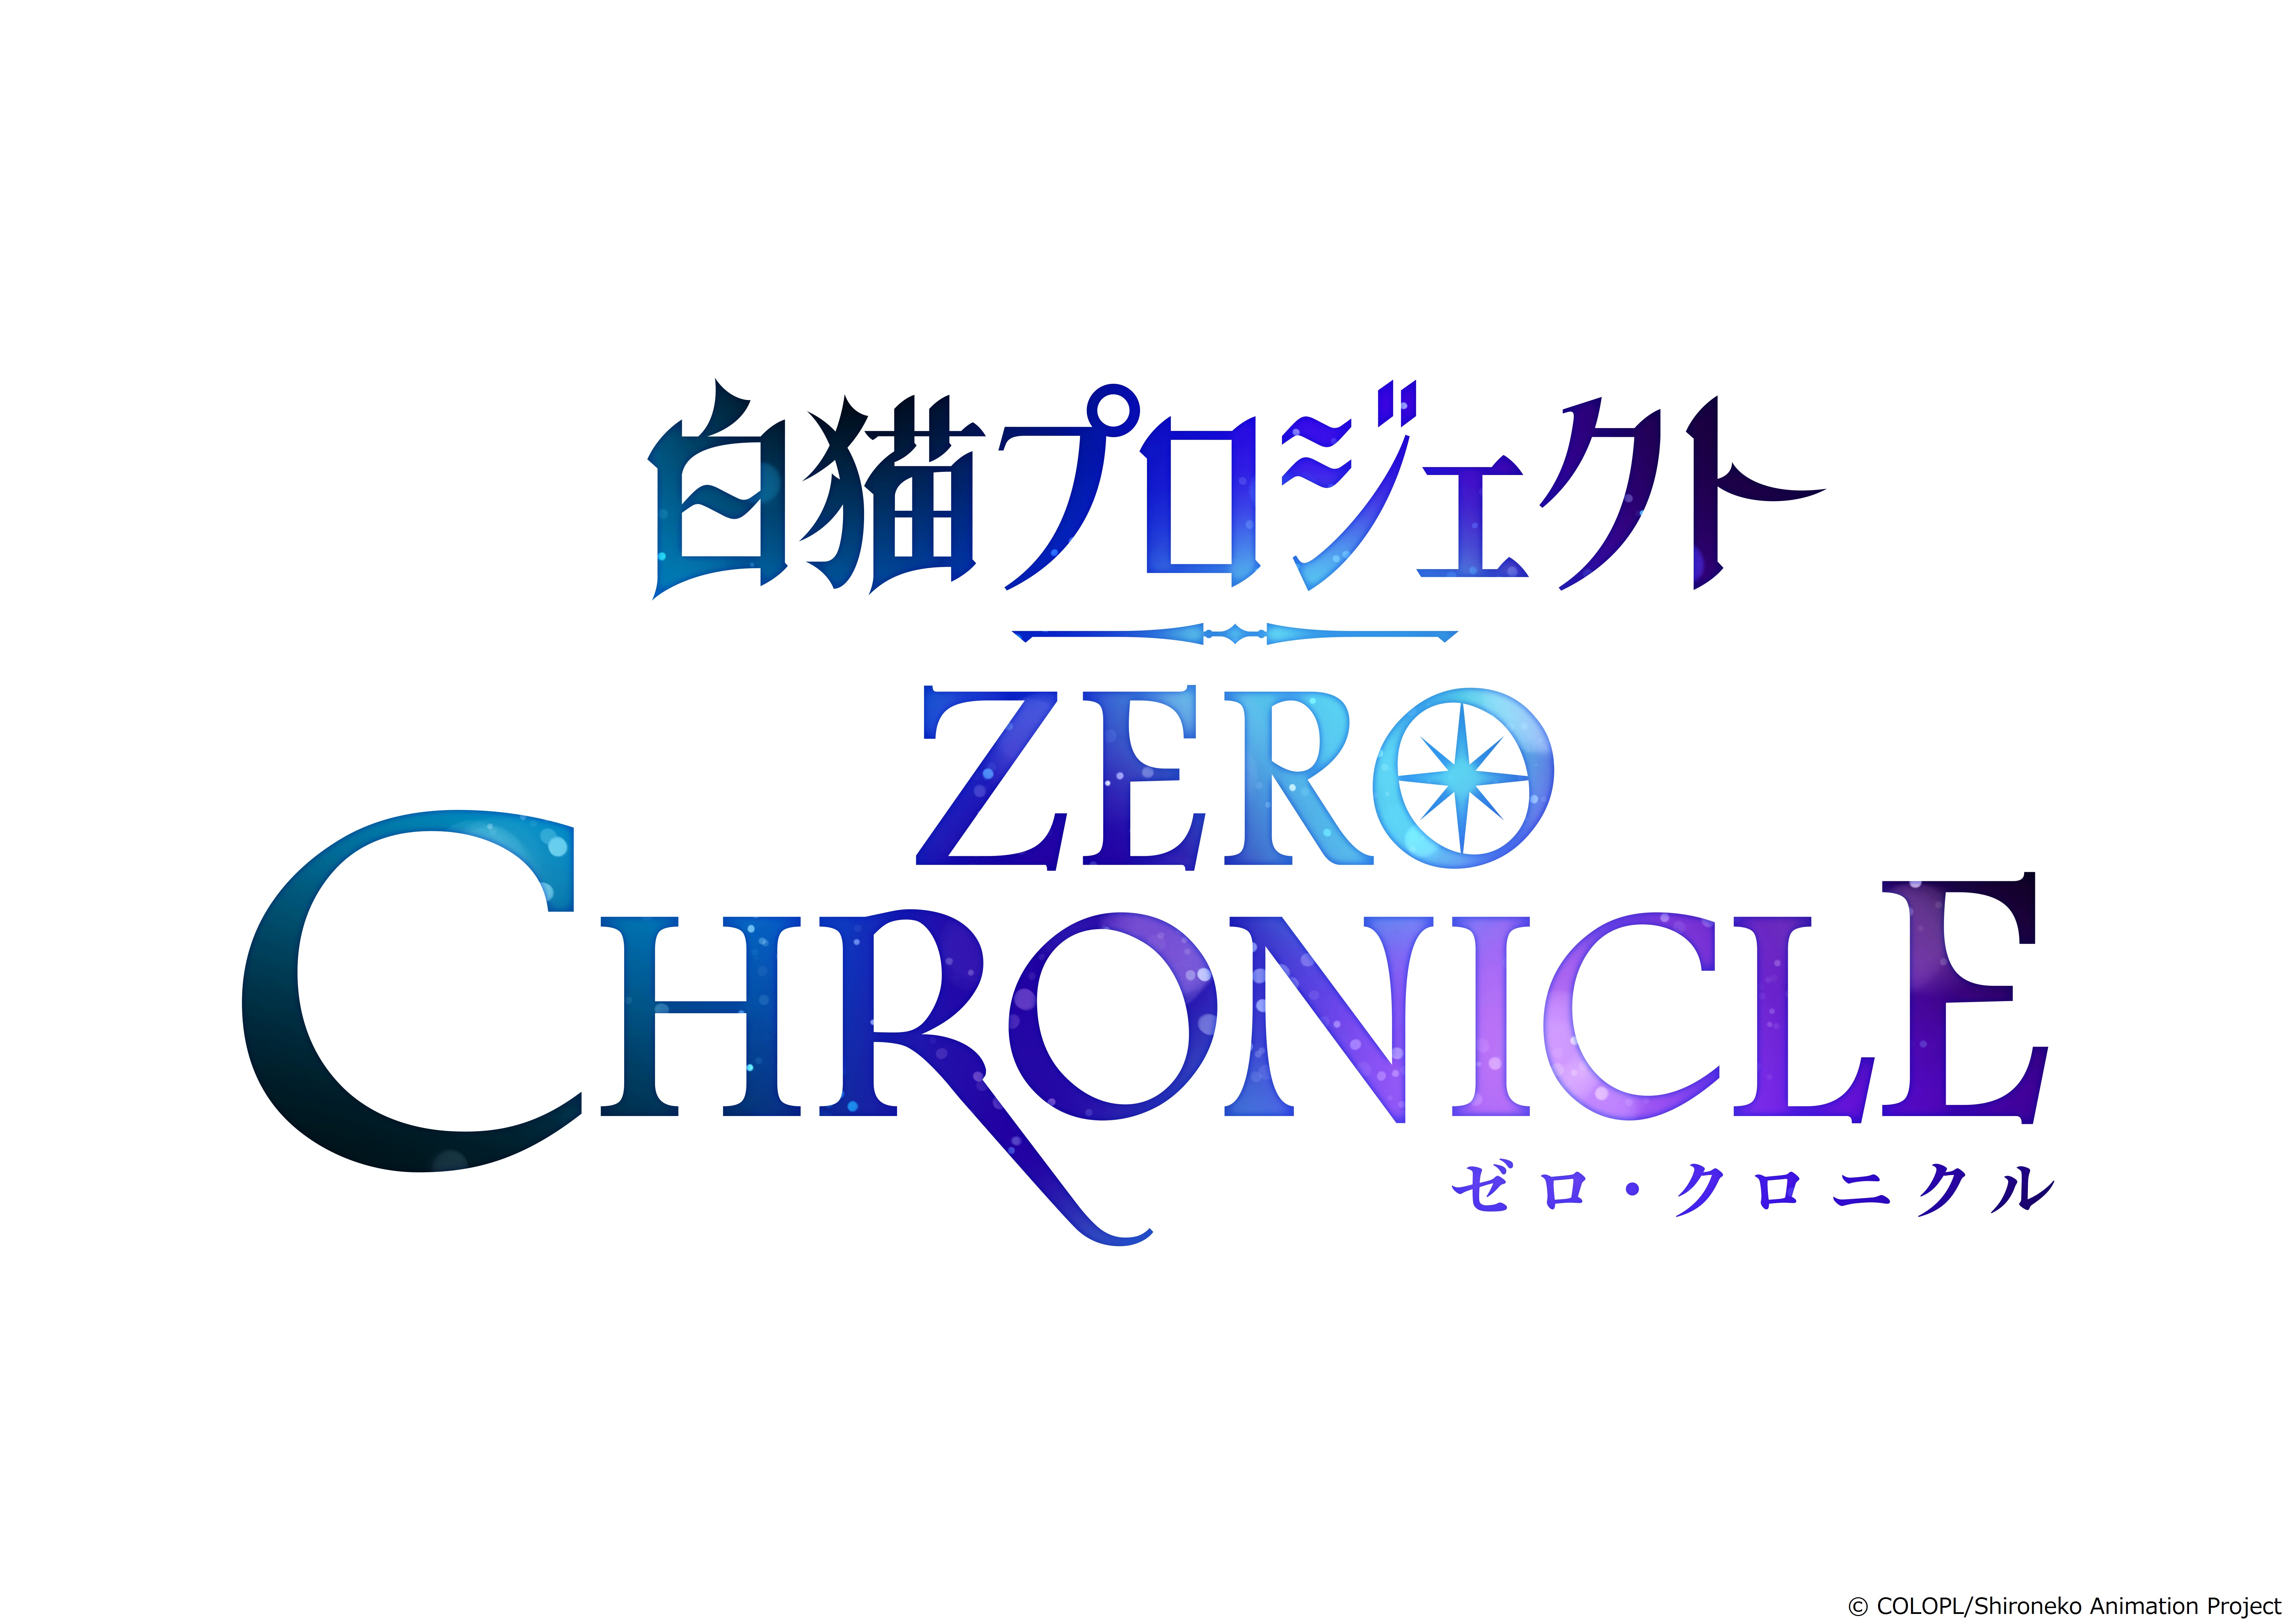 「白猫プロジェクト ZERO CHRONICLE」アフレコ体験 開催!